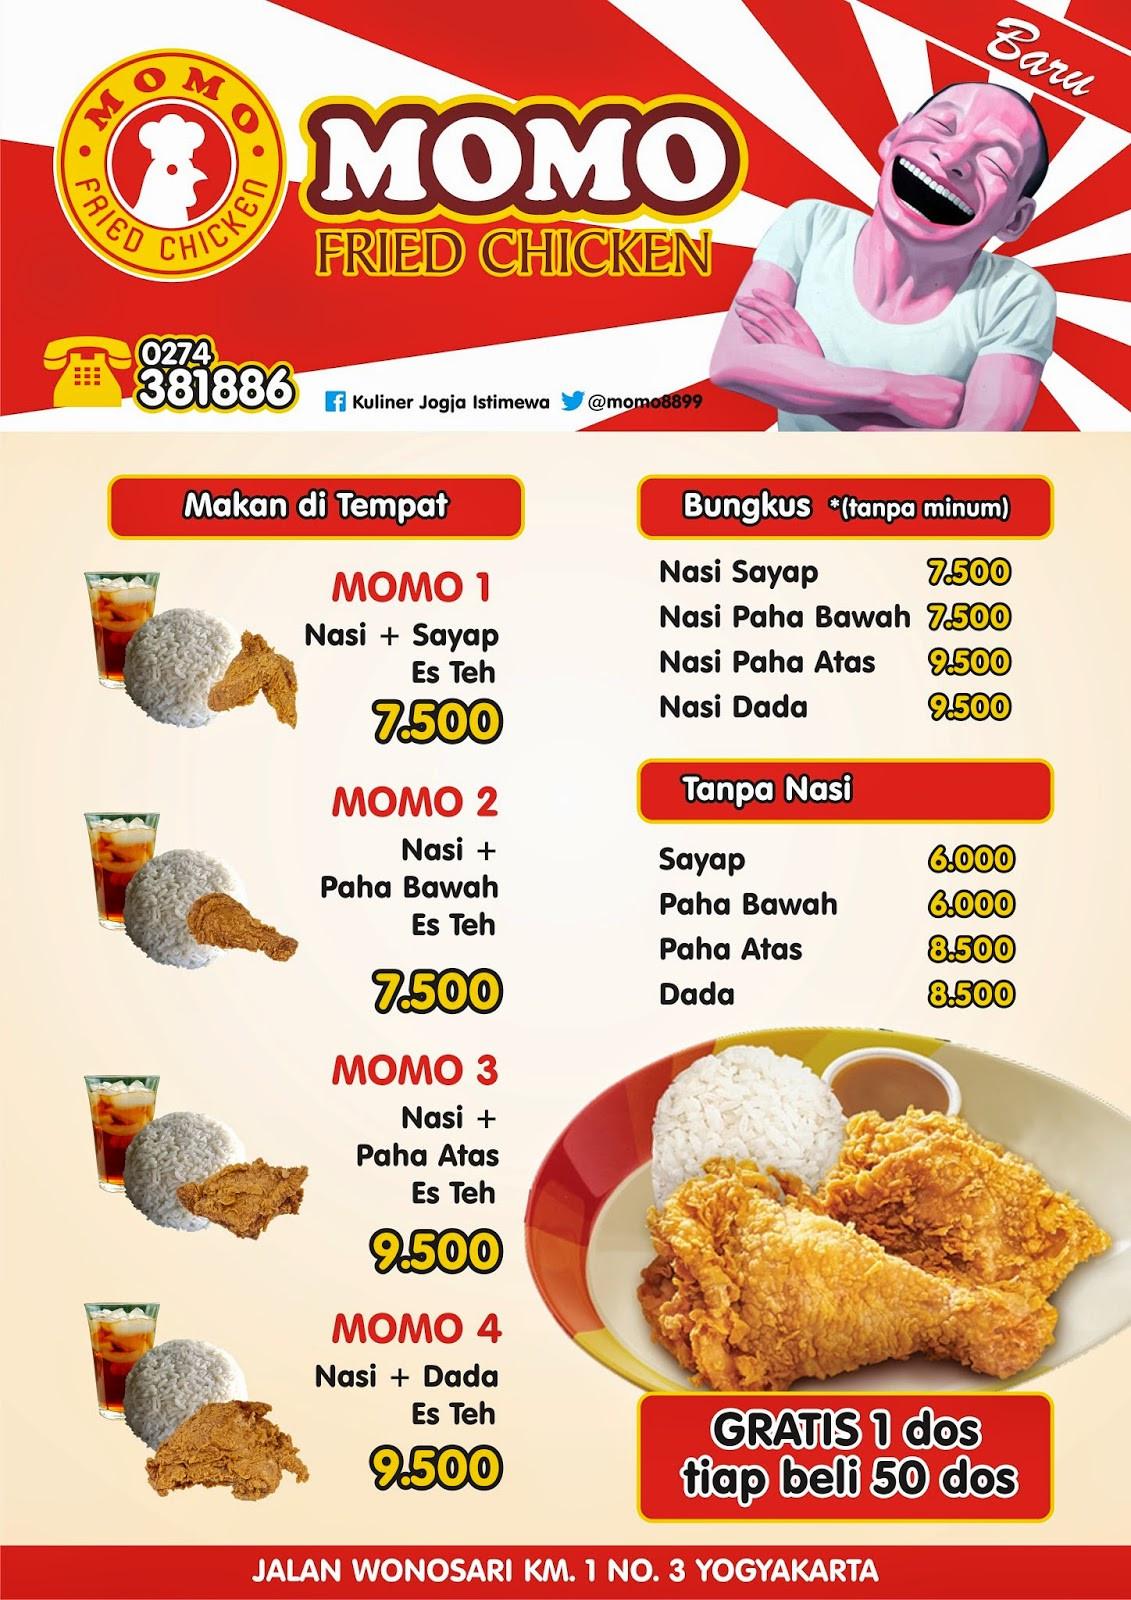 Gus'S Fried Chicken Menu  MOMO RESTO YOGYAKARTA Sekarang ada menu baru MOMO FRIED